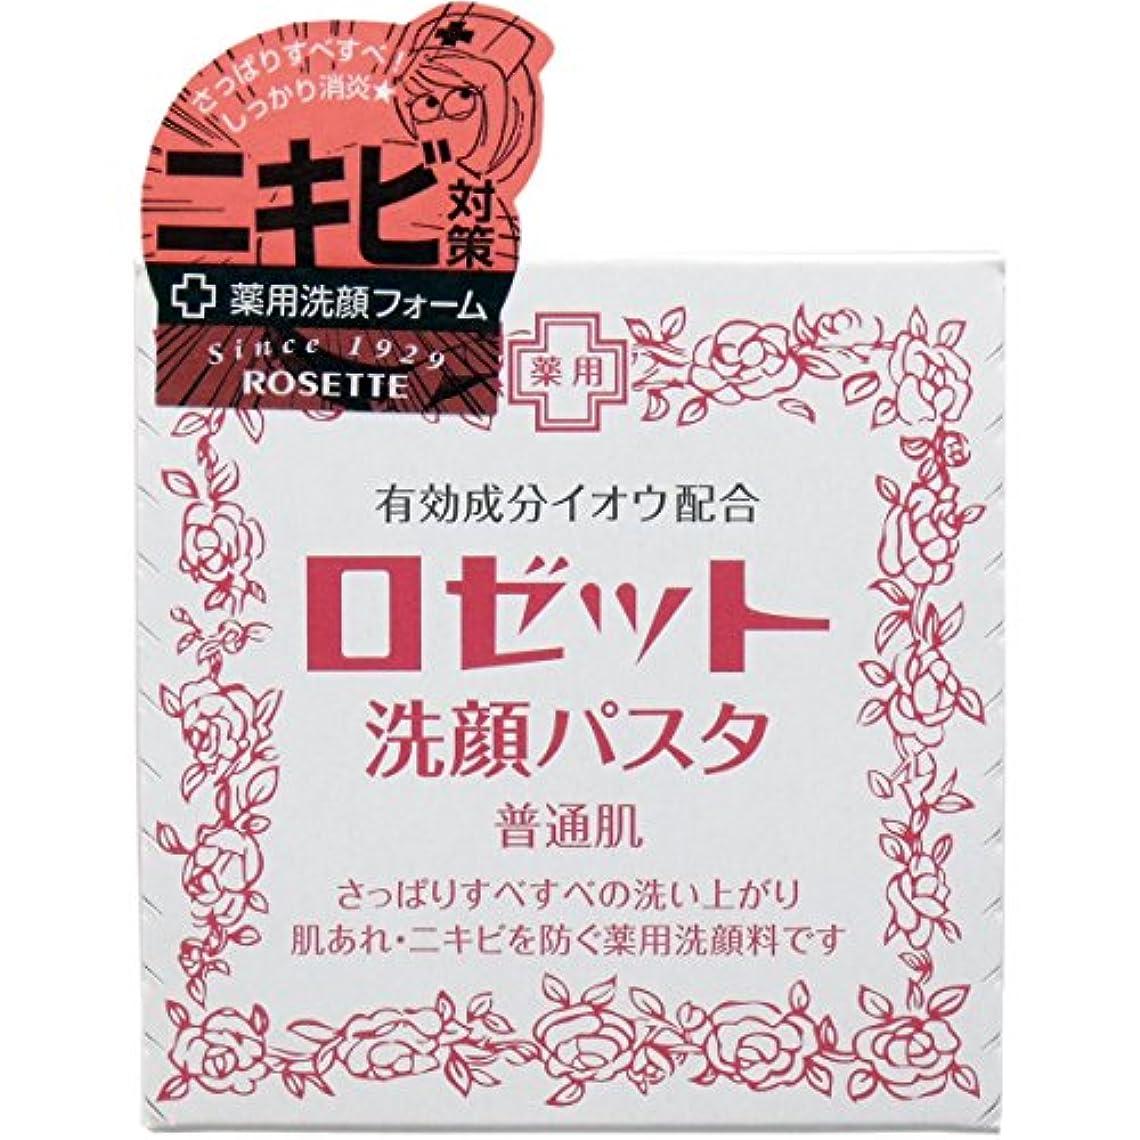 ピック運命的な学習者【まとめ買い】ロゼット 洗顔パスタ 普通90g ×2セット